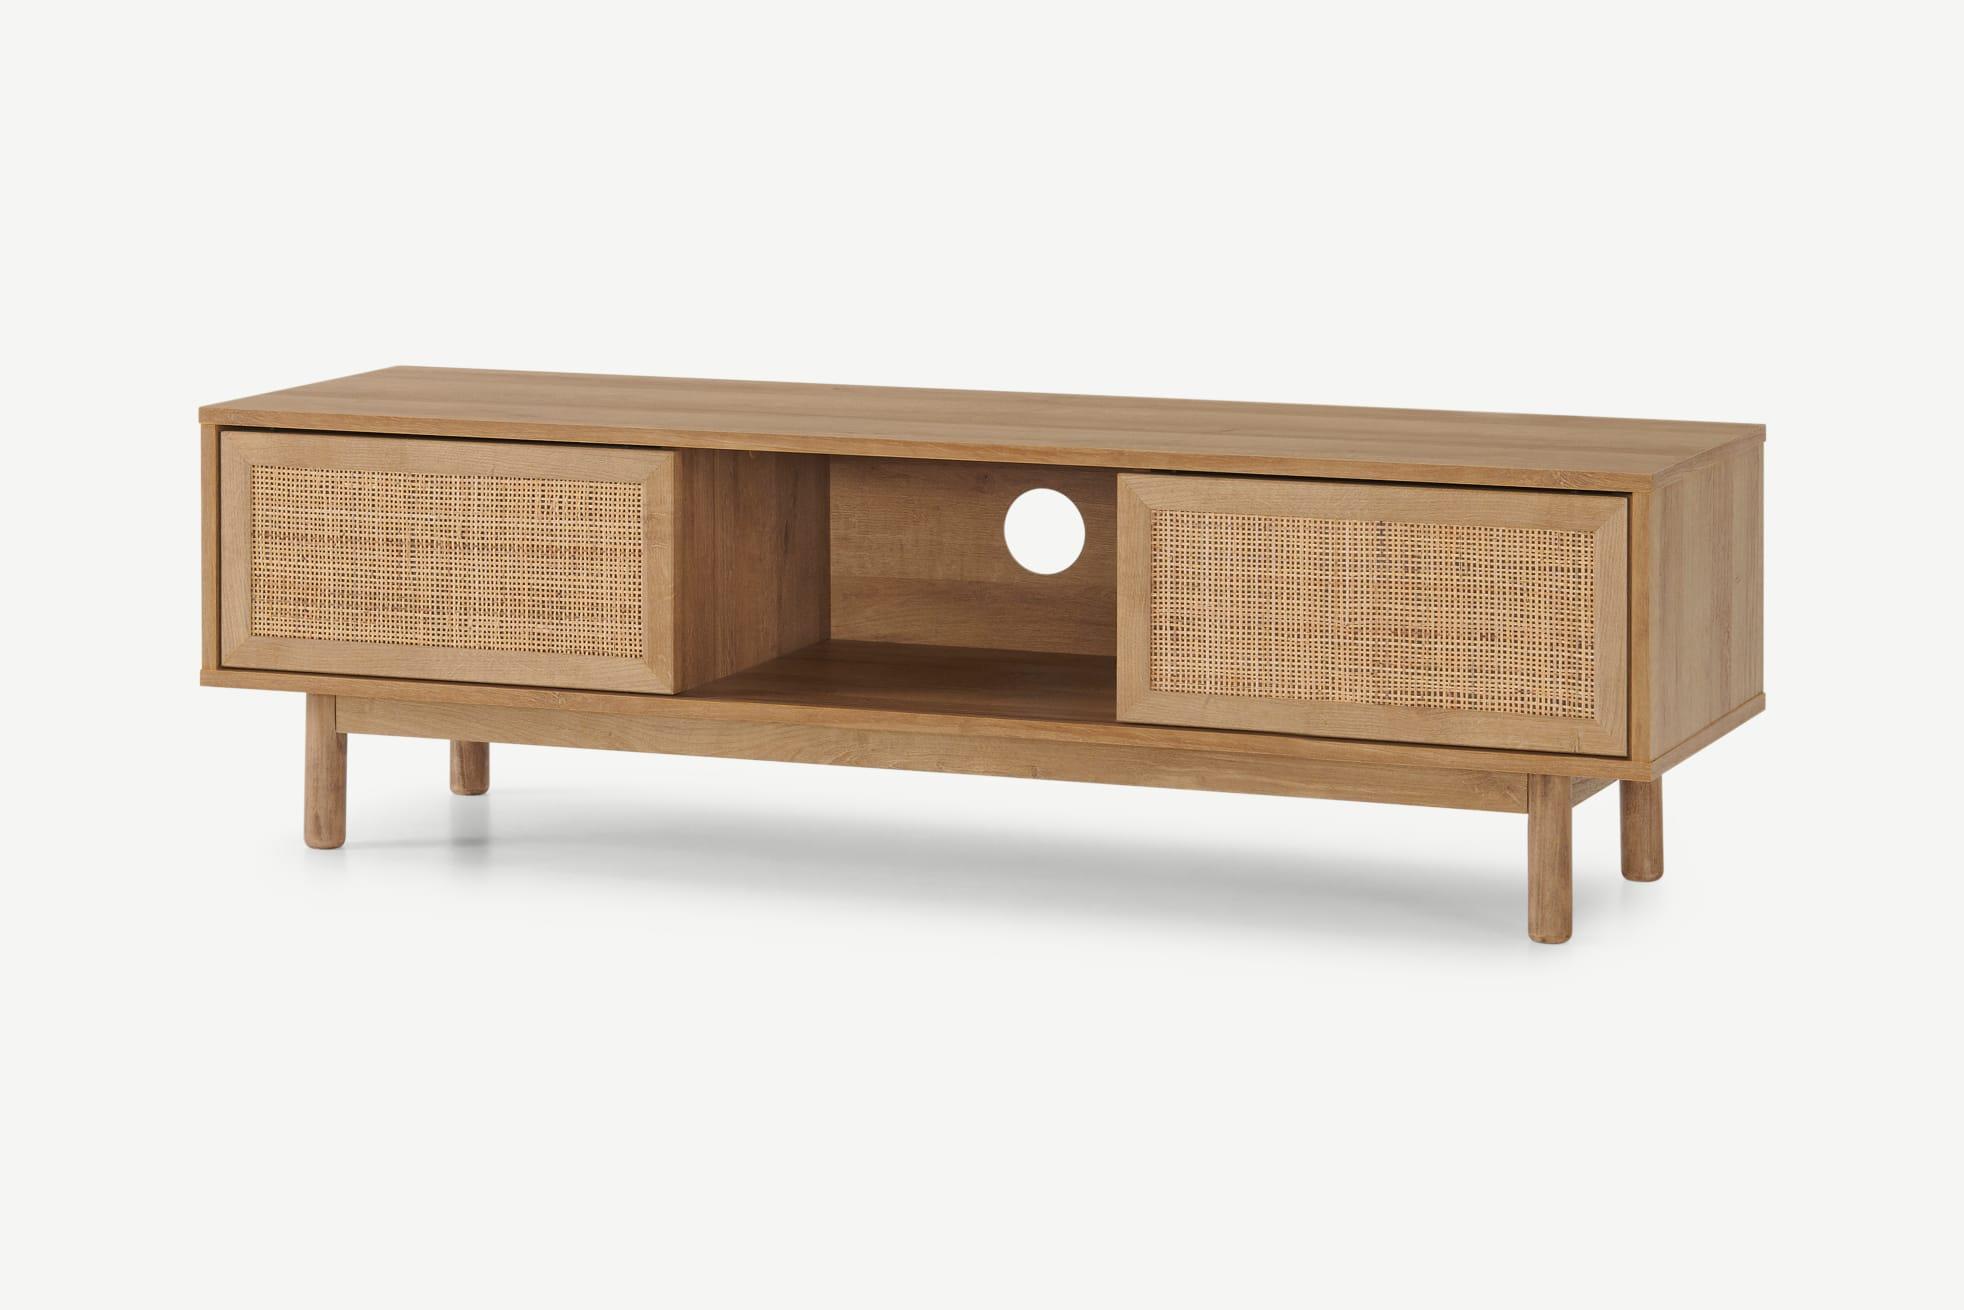 Mueble multimedia ancho Pavia, ratán natural y efecto roble